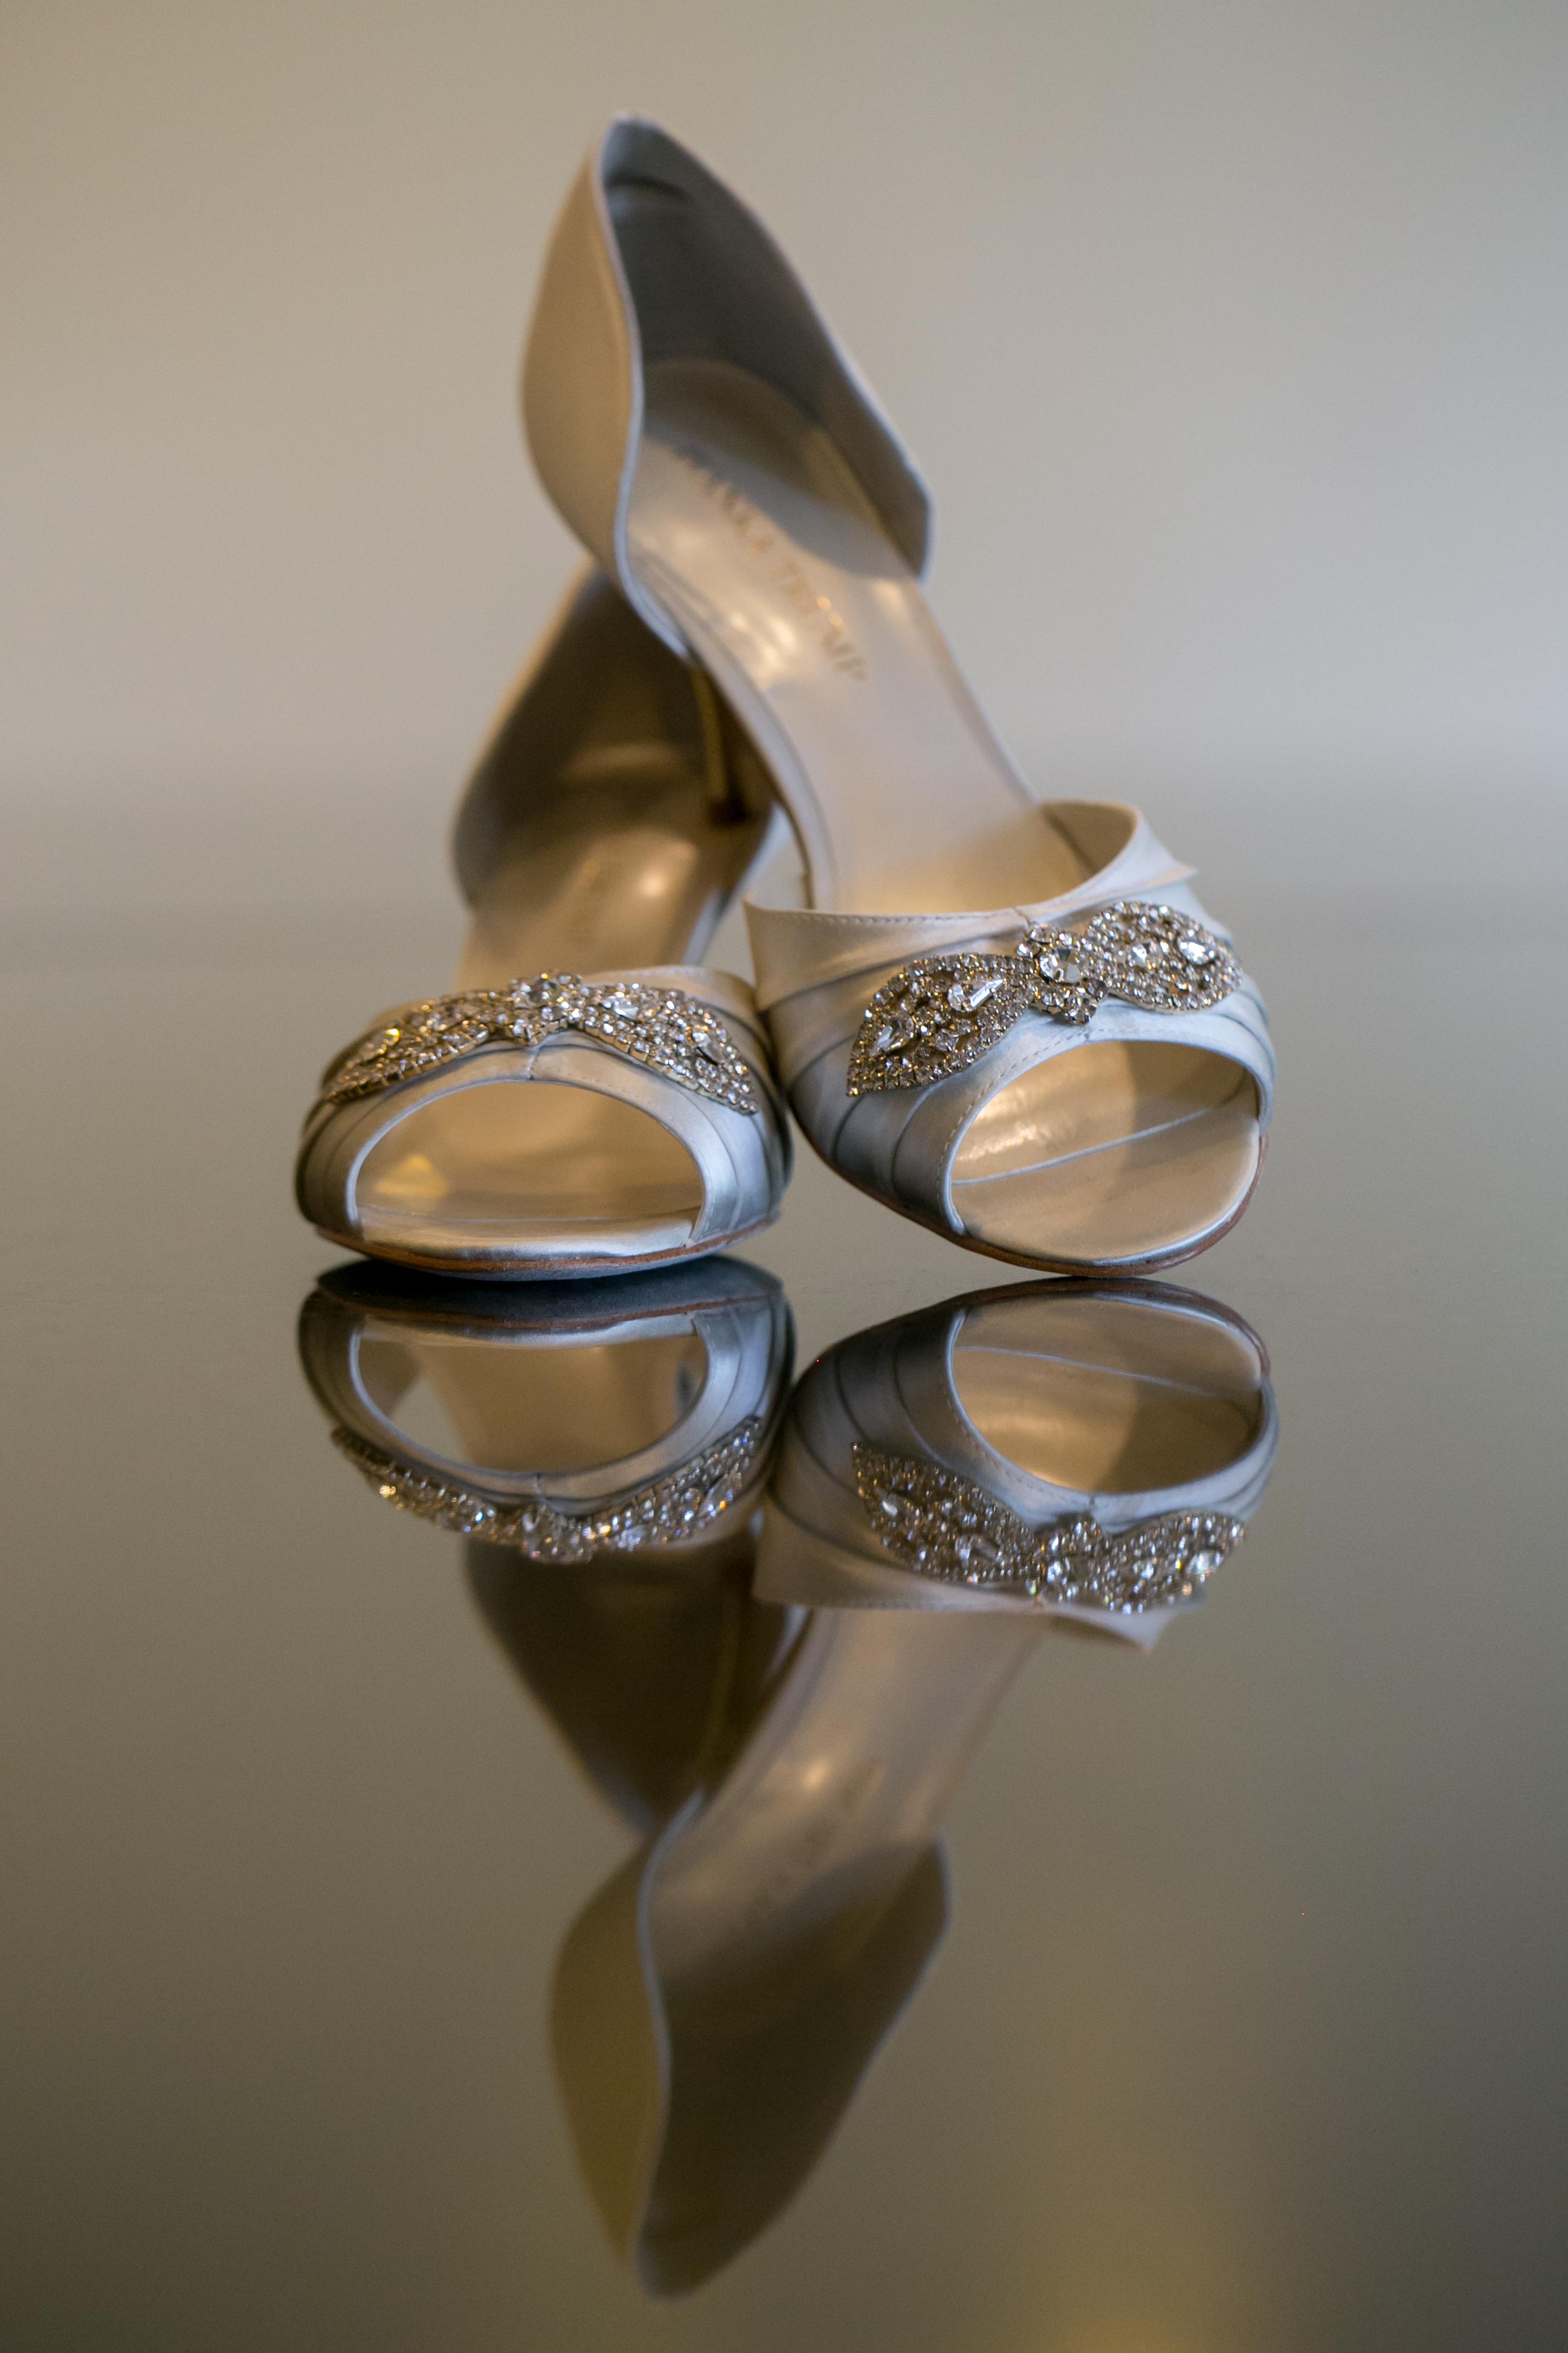 Wedding Details: Bride's Shoes